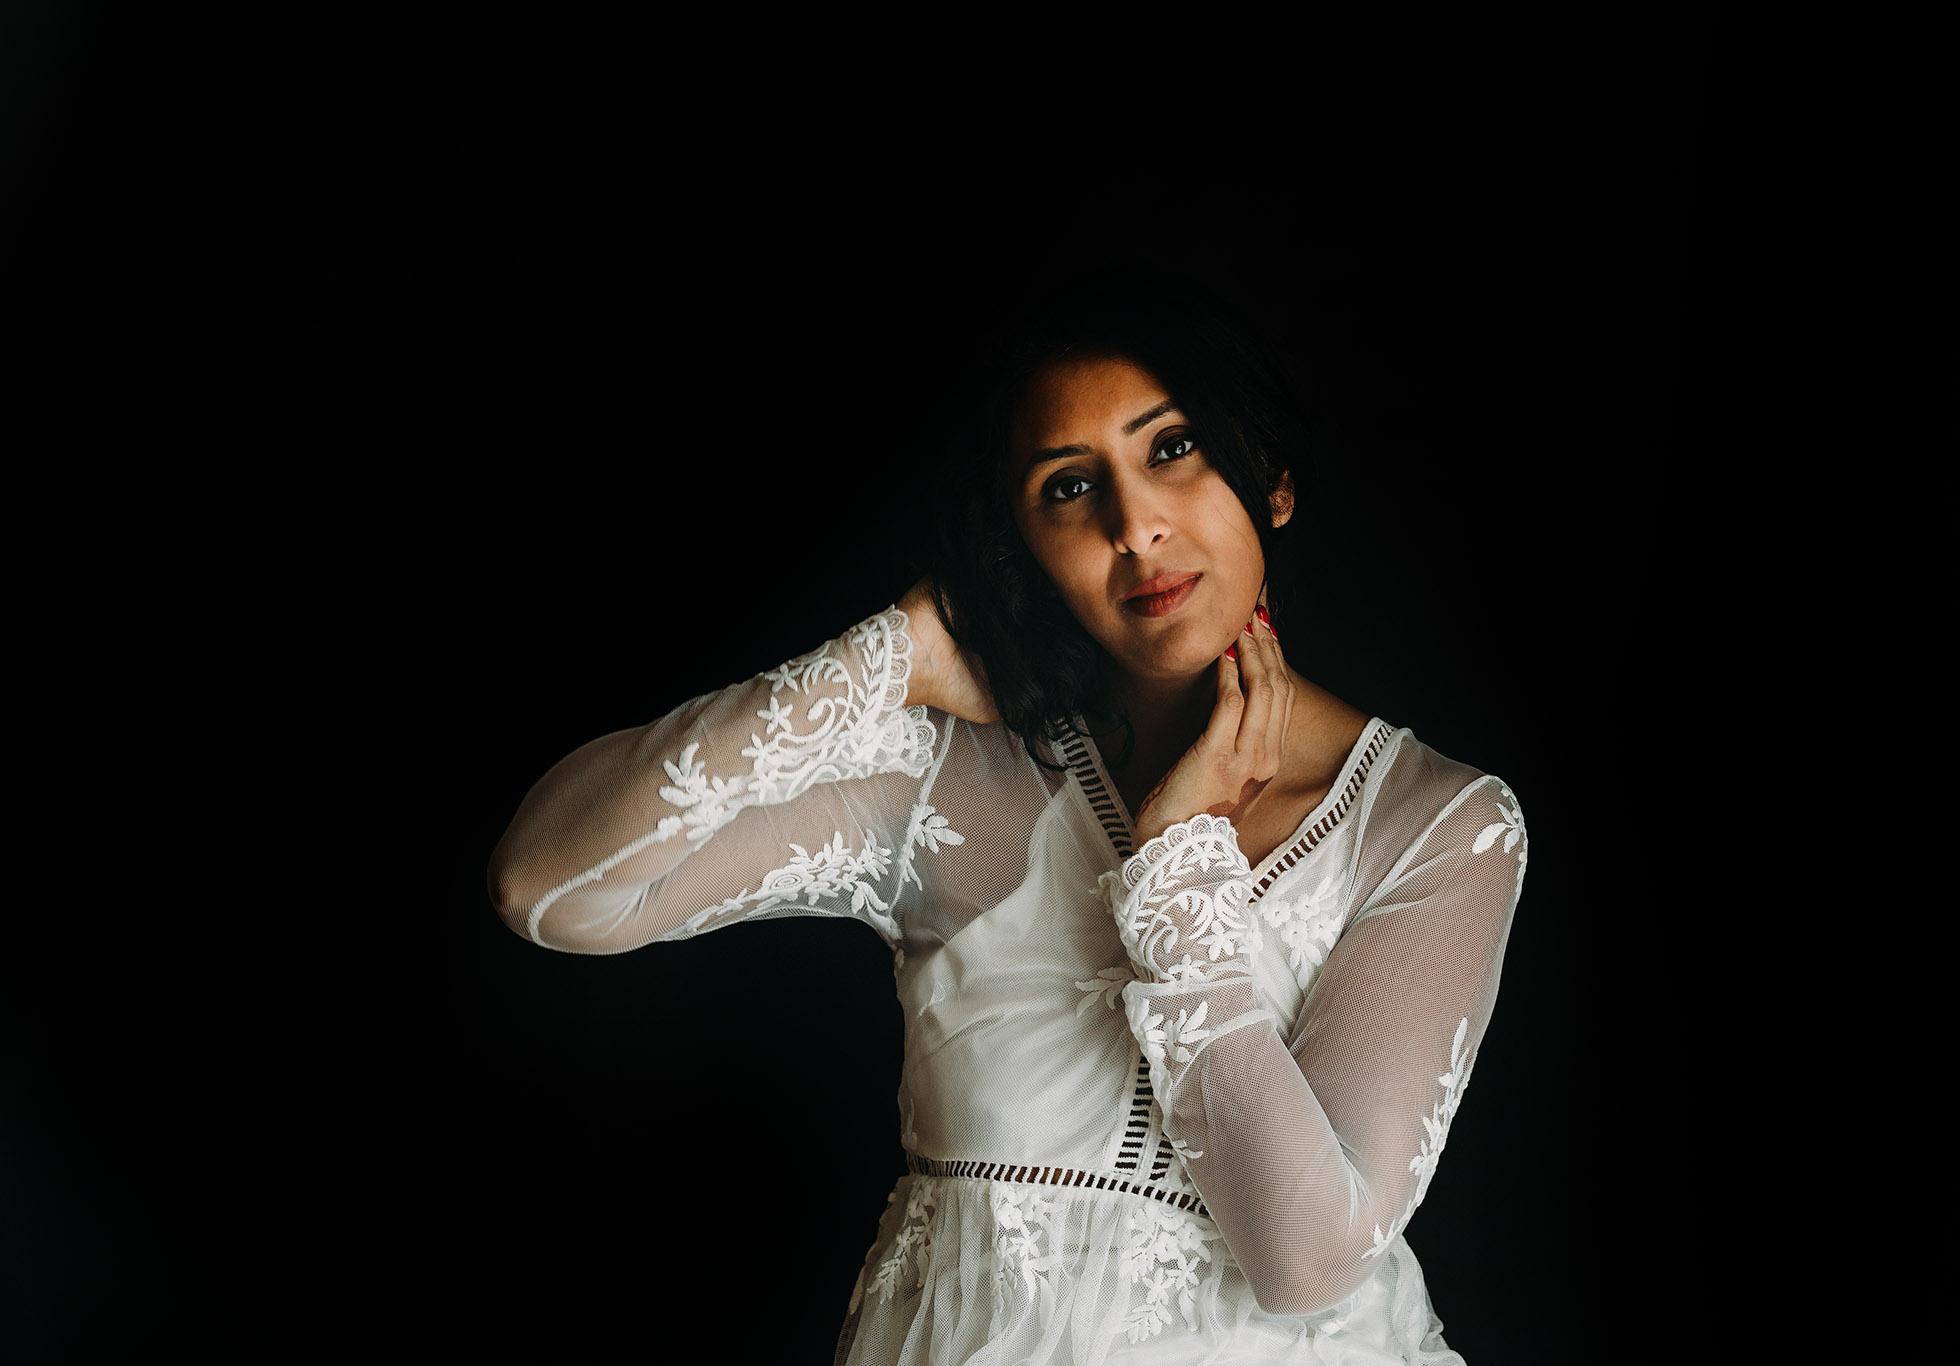 A Self Portrait By Jyotsna Bhamidipati